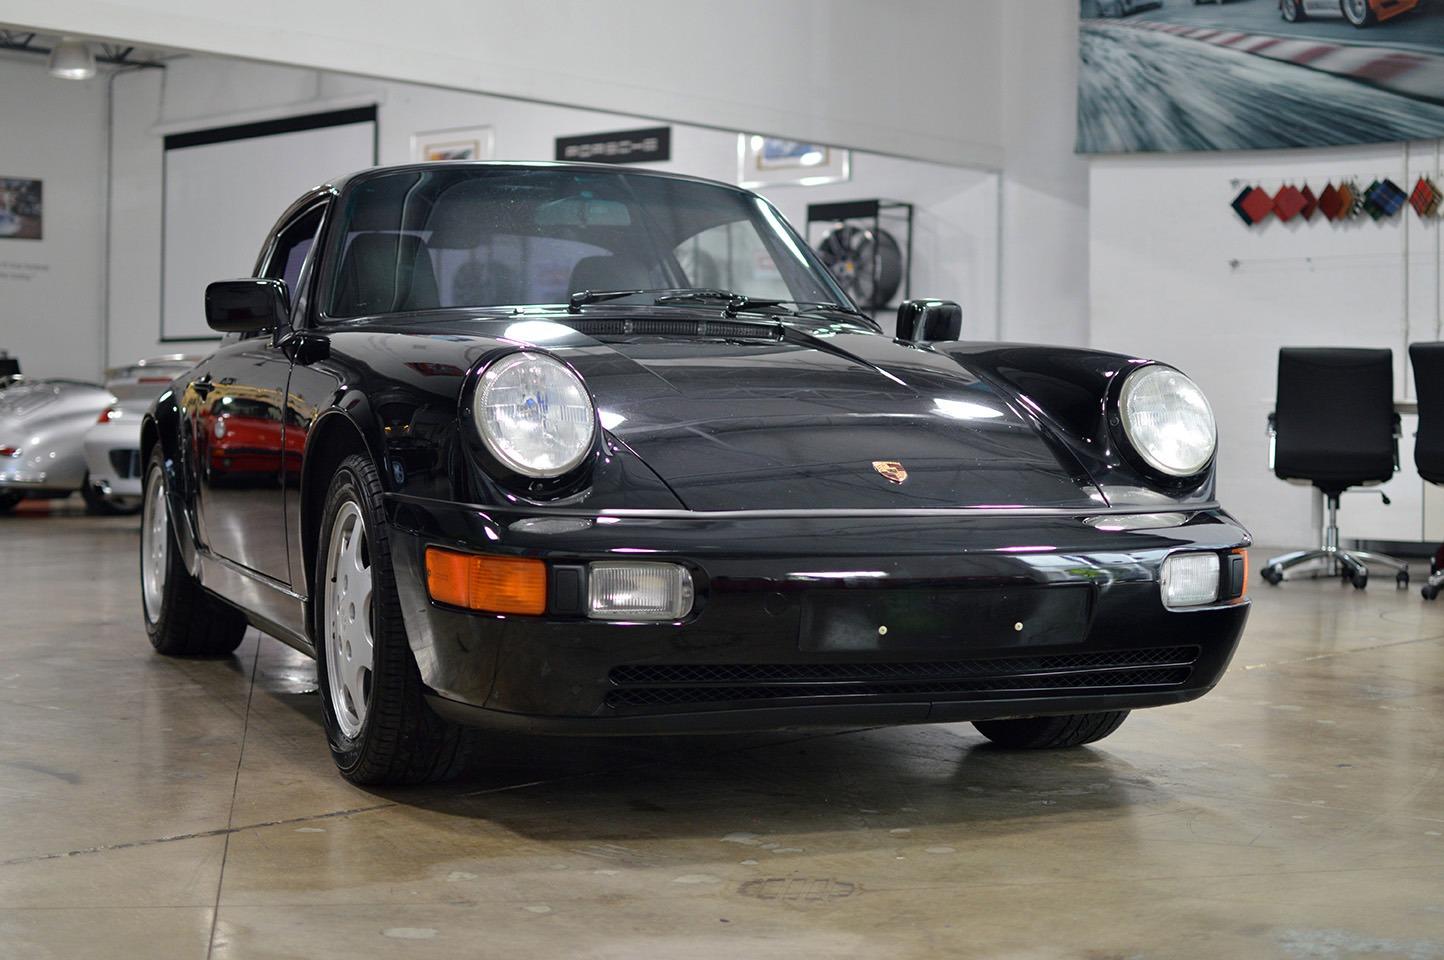 Used 1991 Porsche 911 Carrera 964 C4